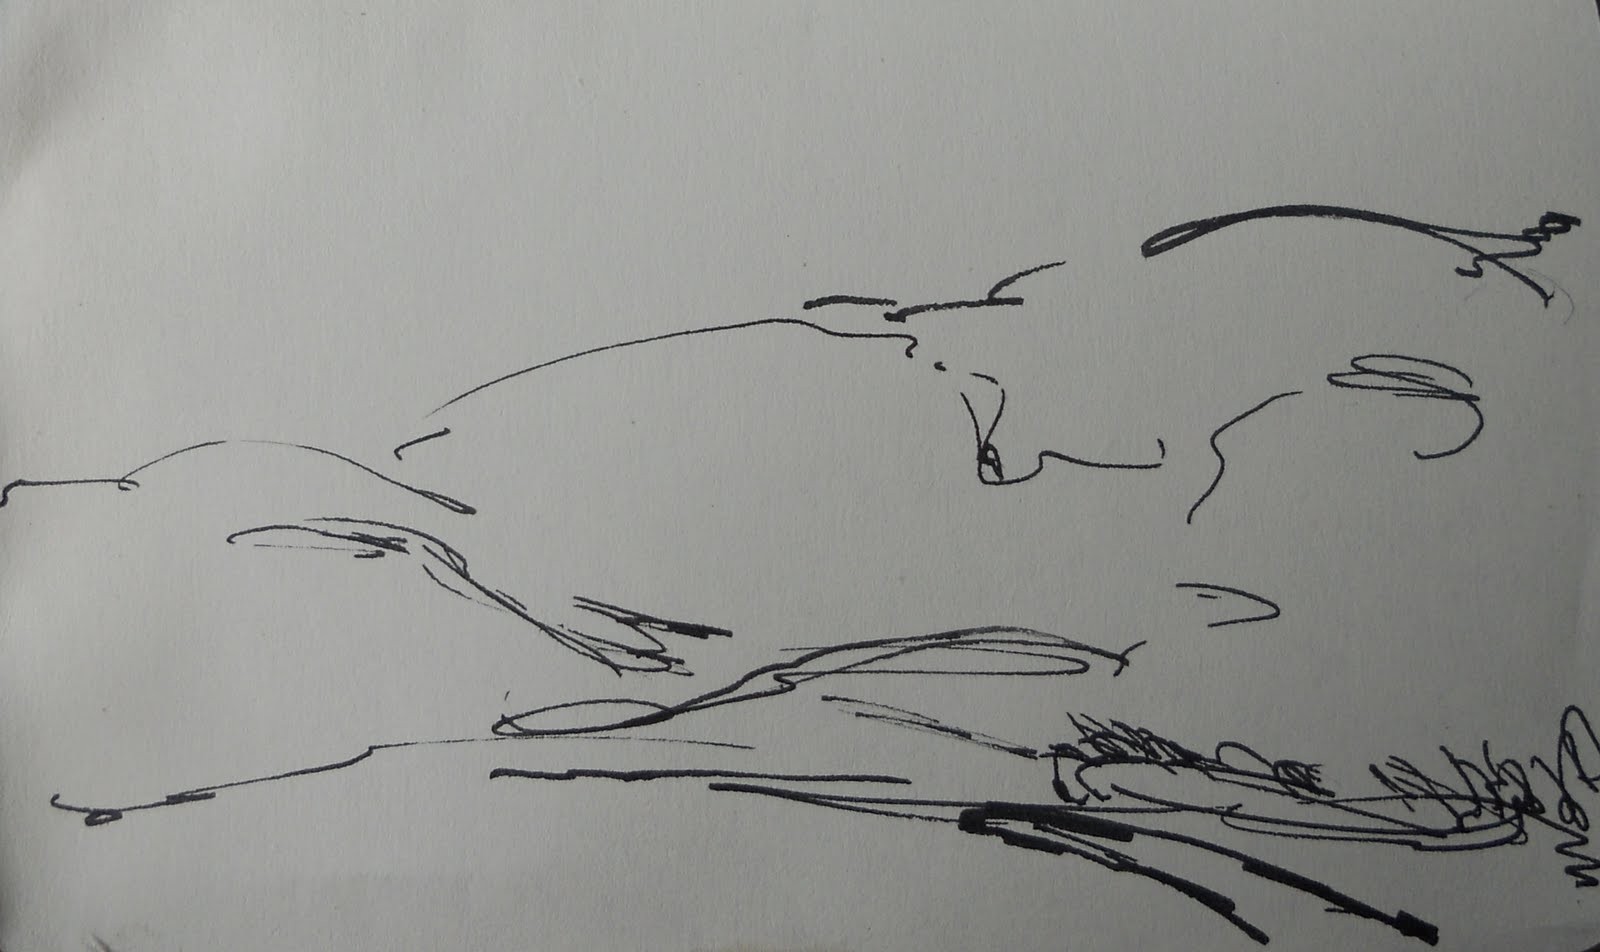 Hoe duinen en zee schilderen - Hoe om te schilderen een trap ...